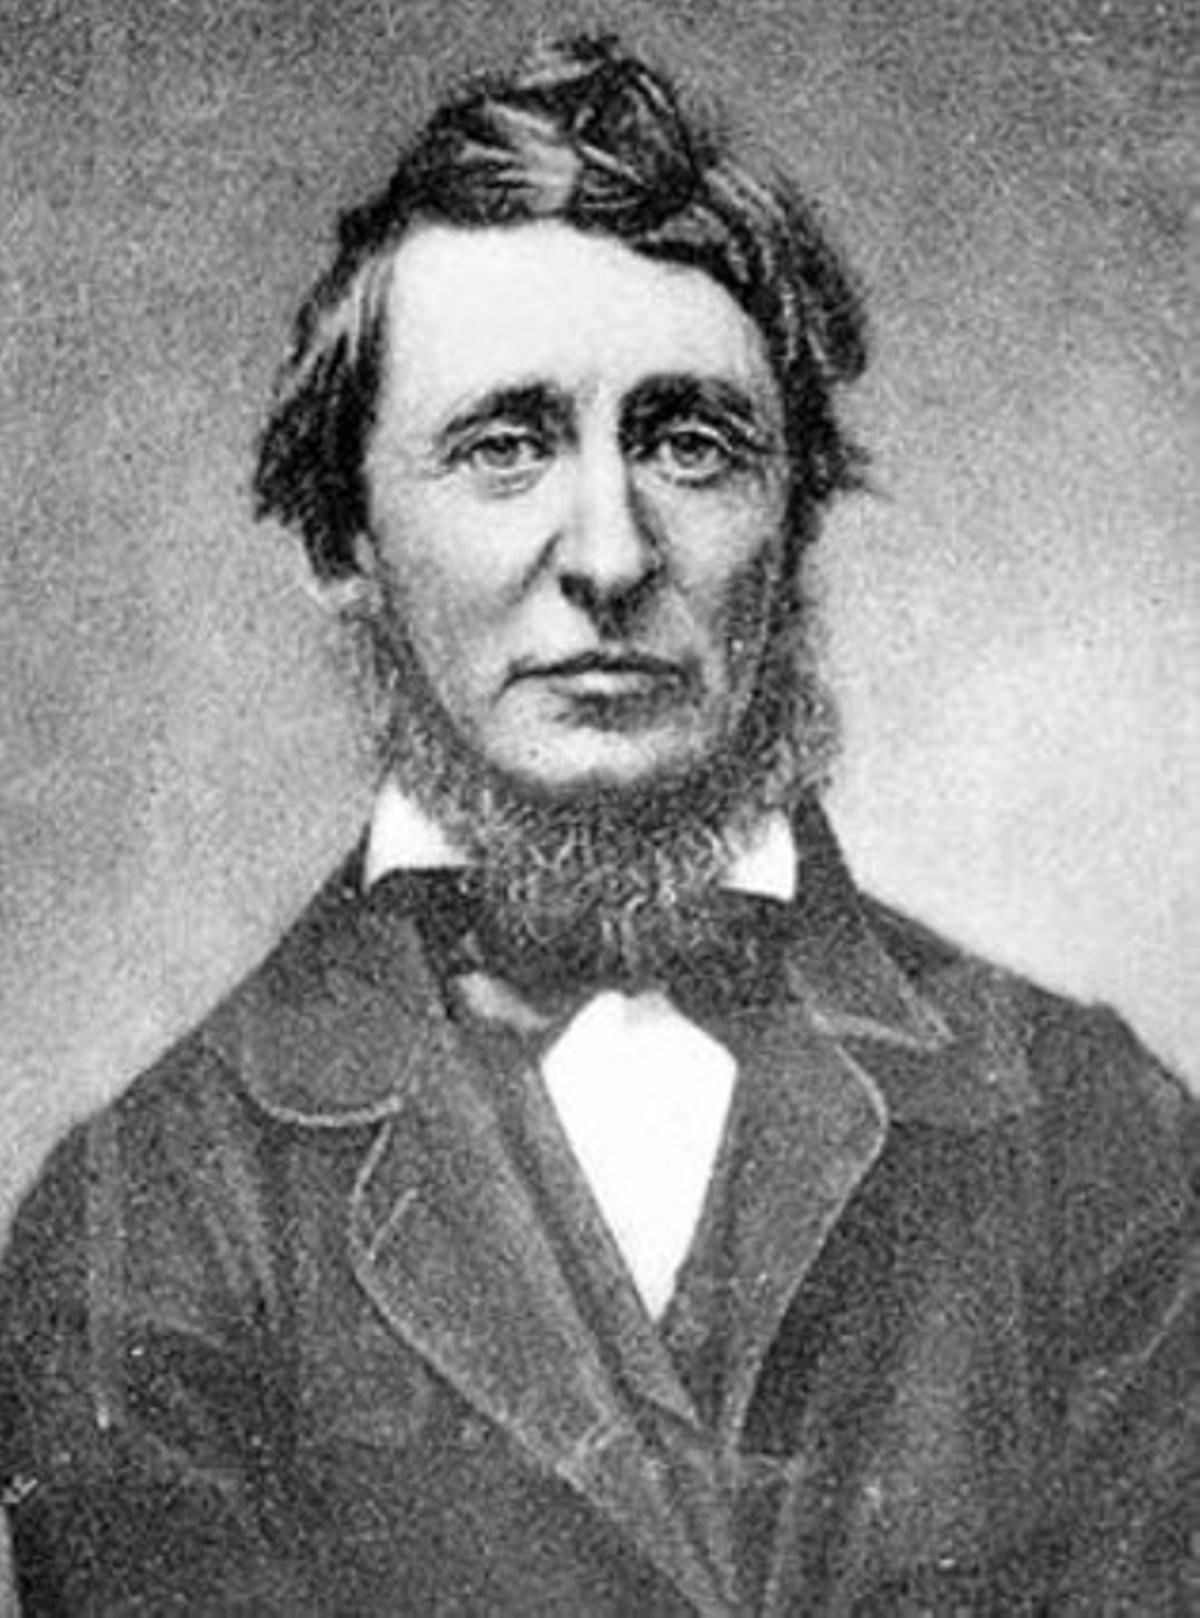 Henry David Thoreau.